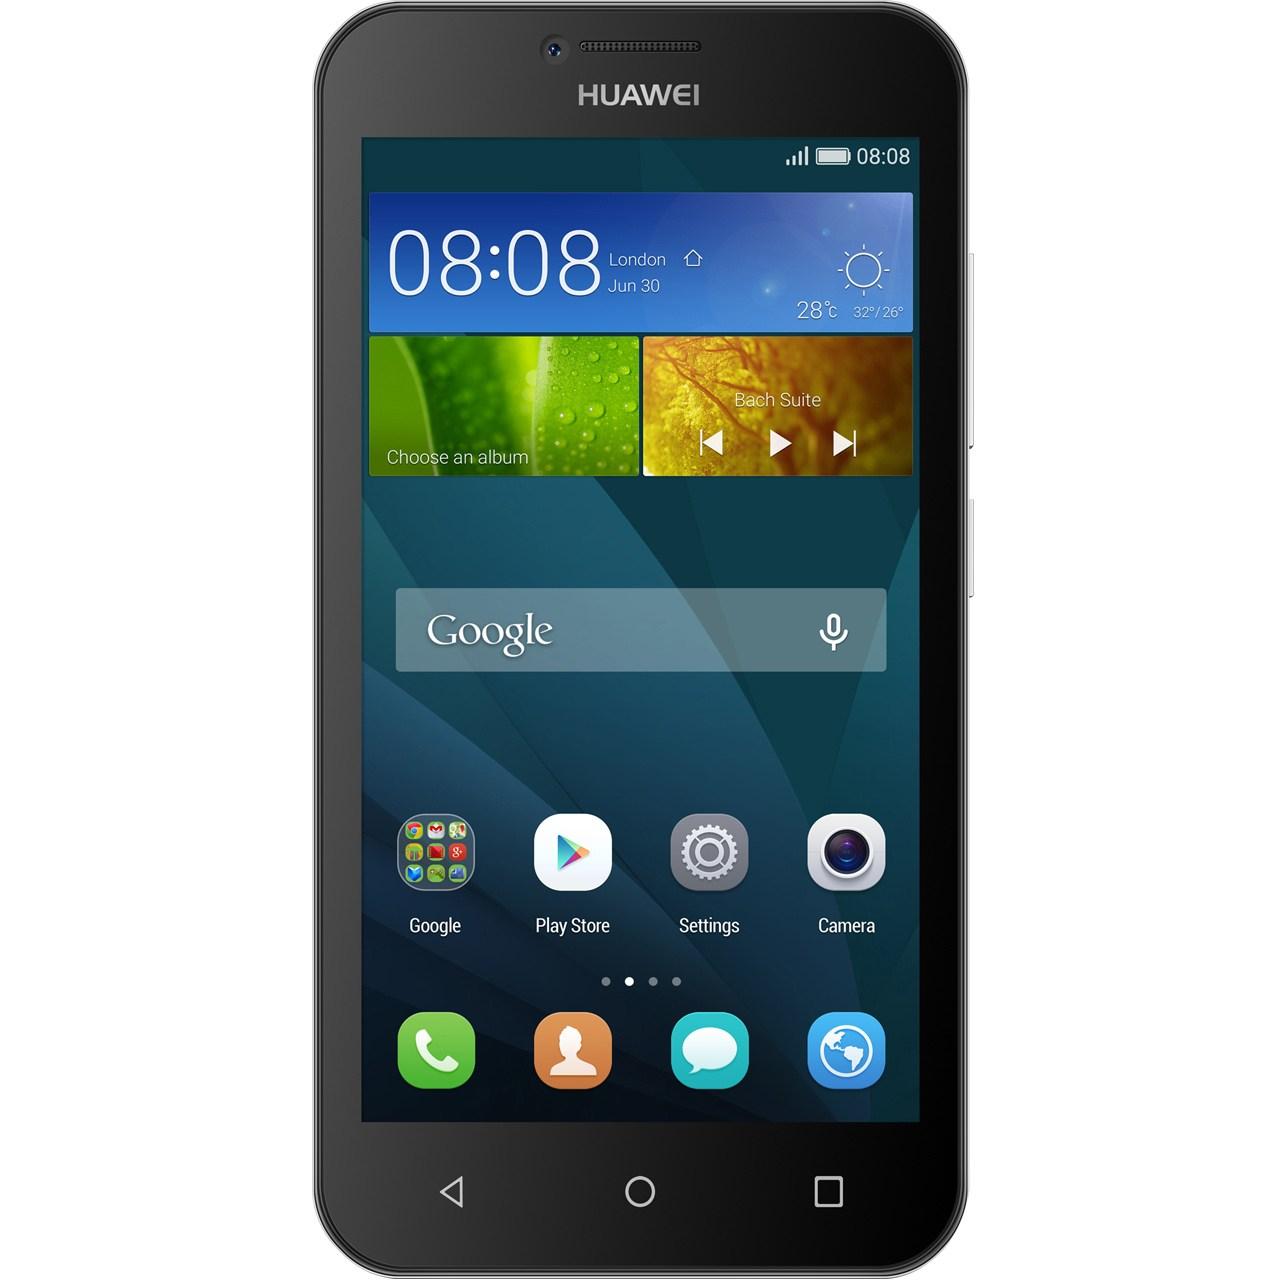 گوشی موبایل هوآوی مدل Y560 4G                             Huawei Y560 4G Mobile Phone